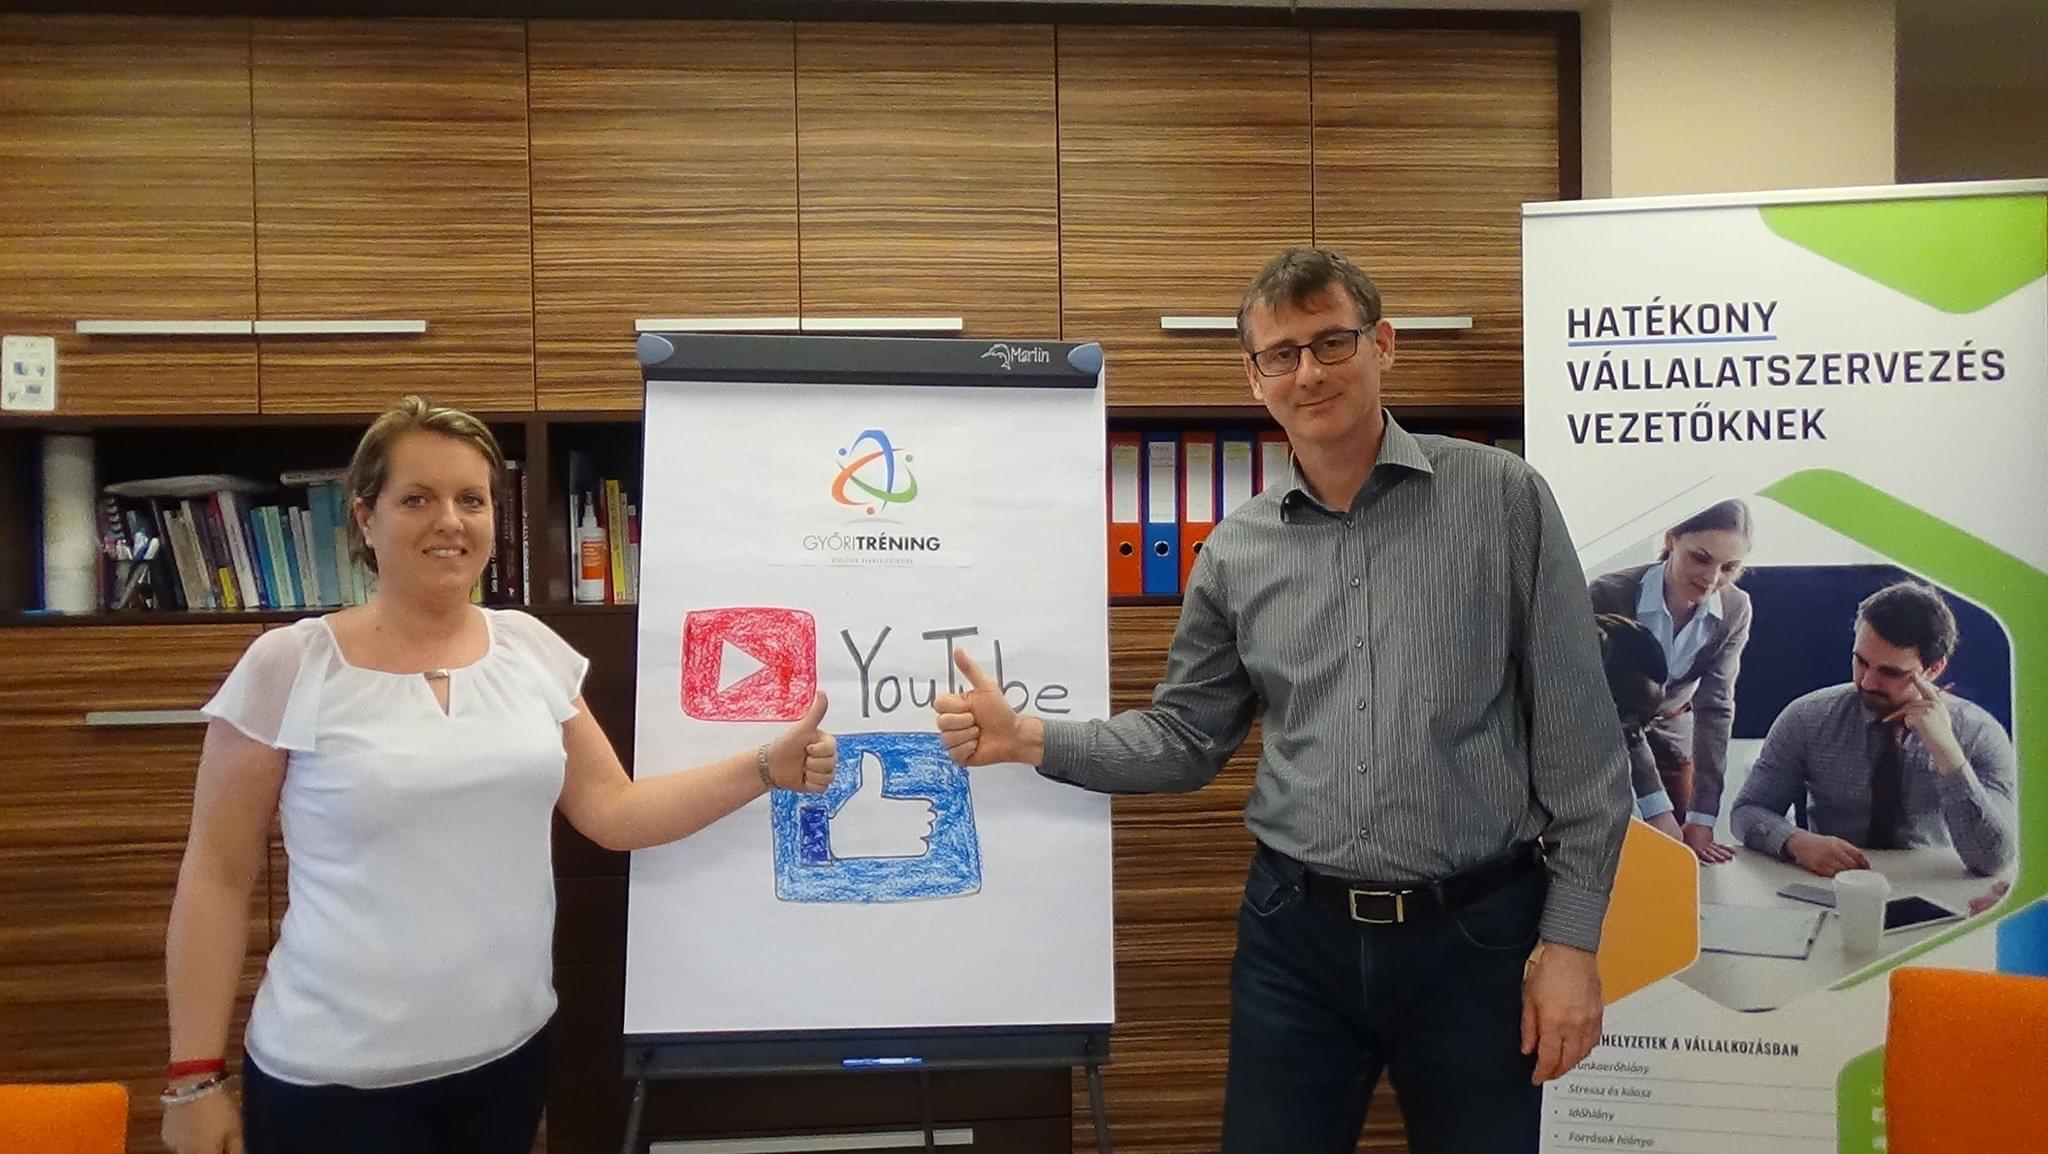 Kríziskezeléssel kapcsolatos videósorozatot indított a Győri Tréning